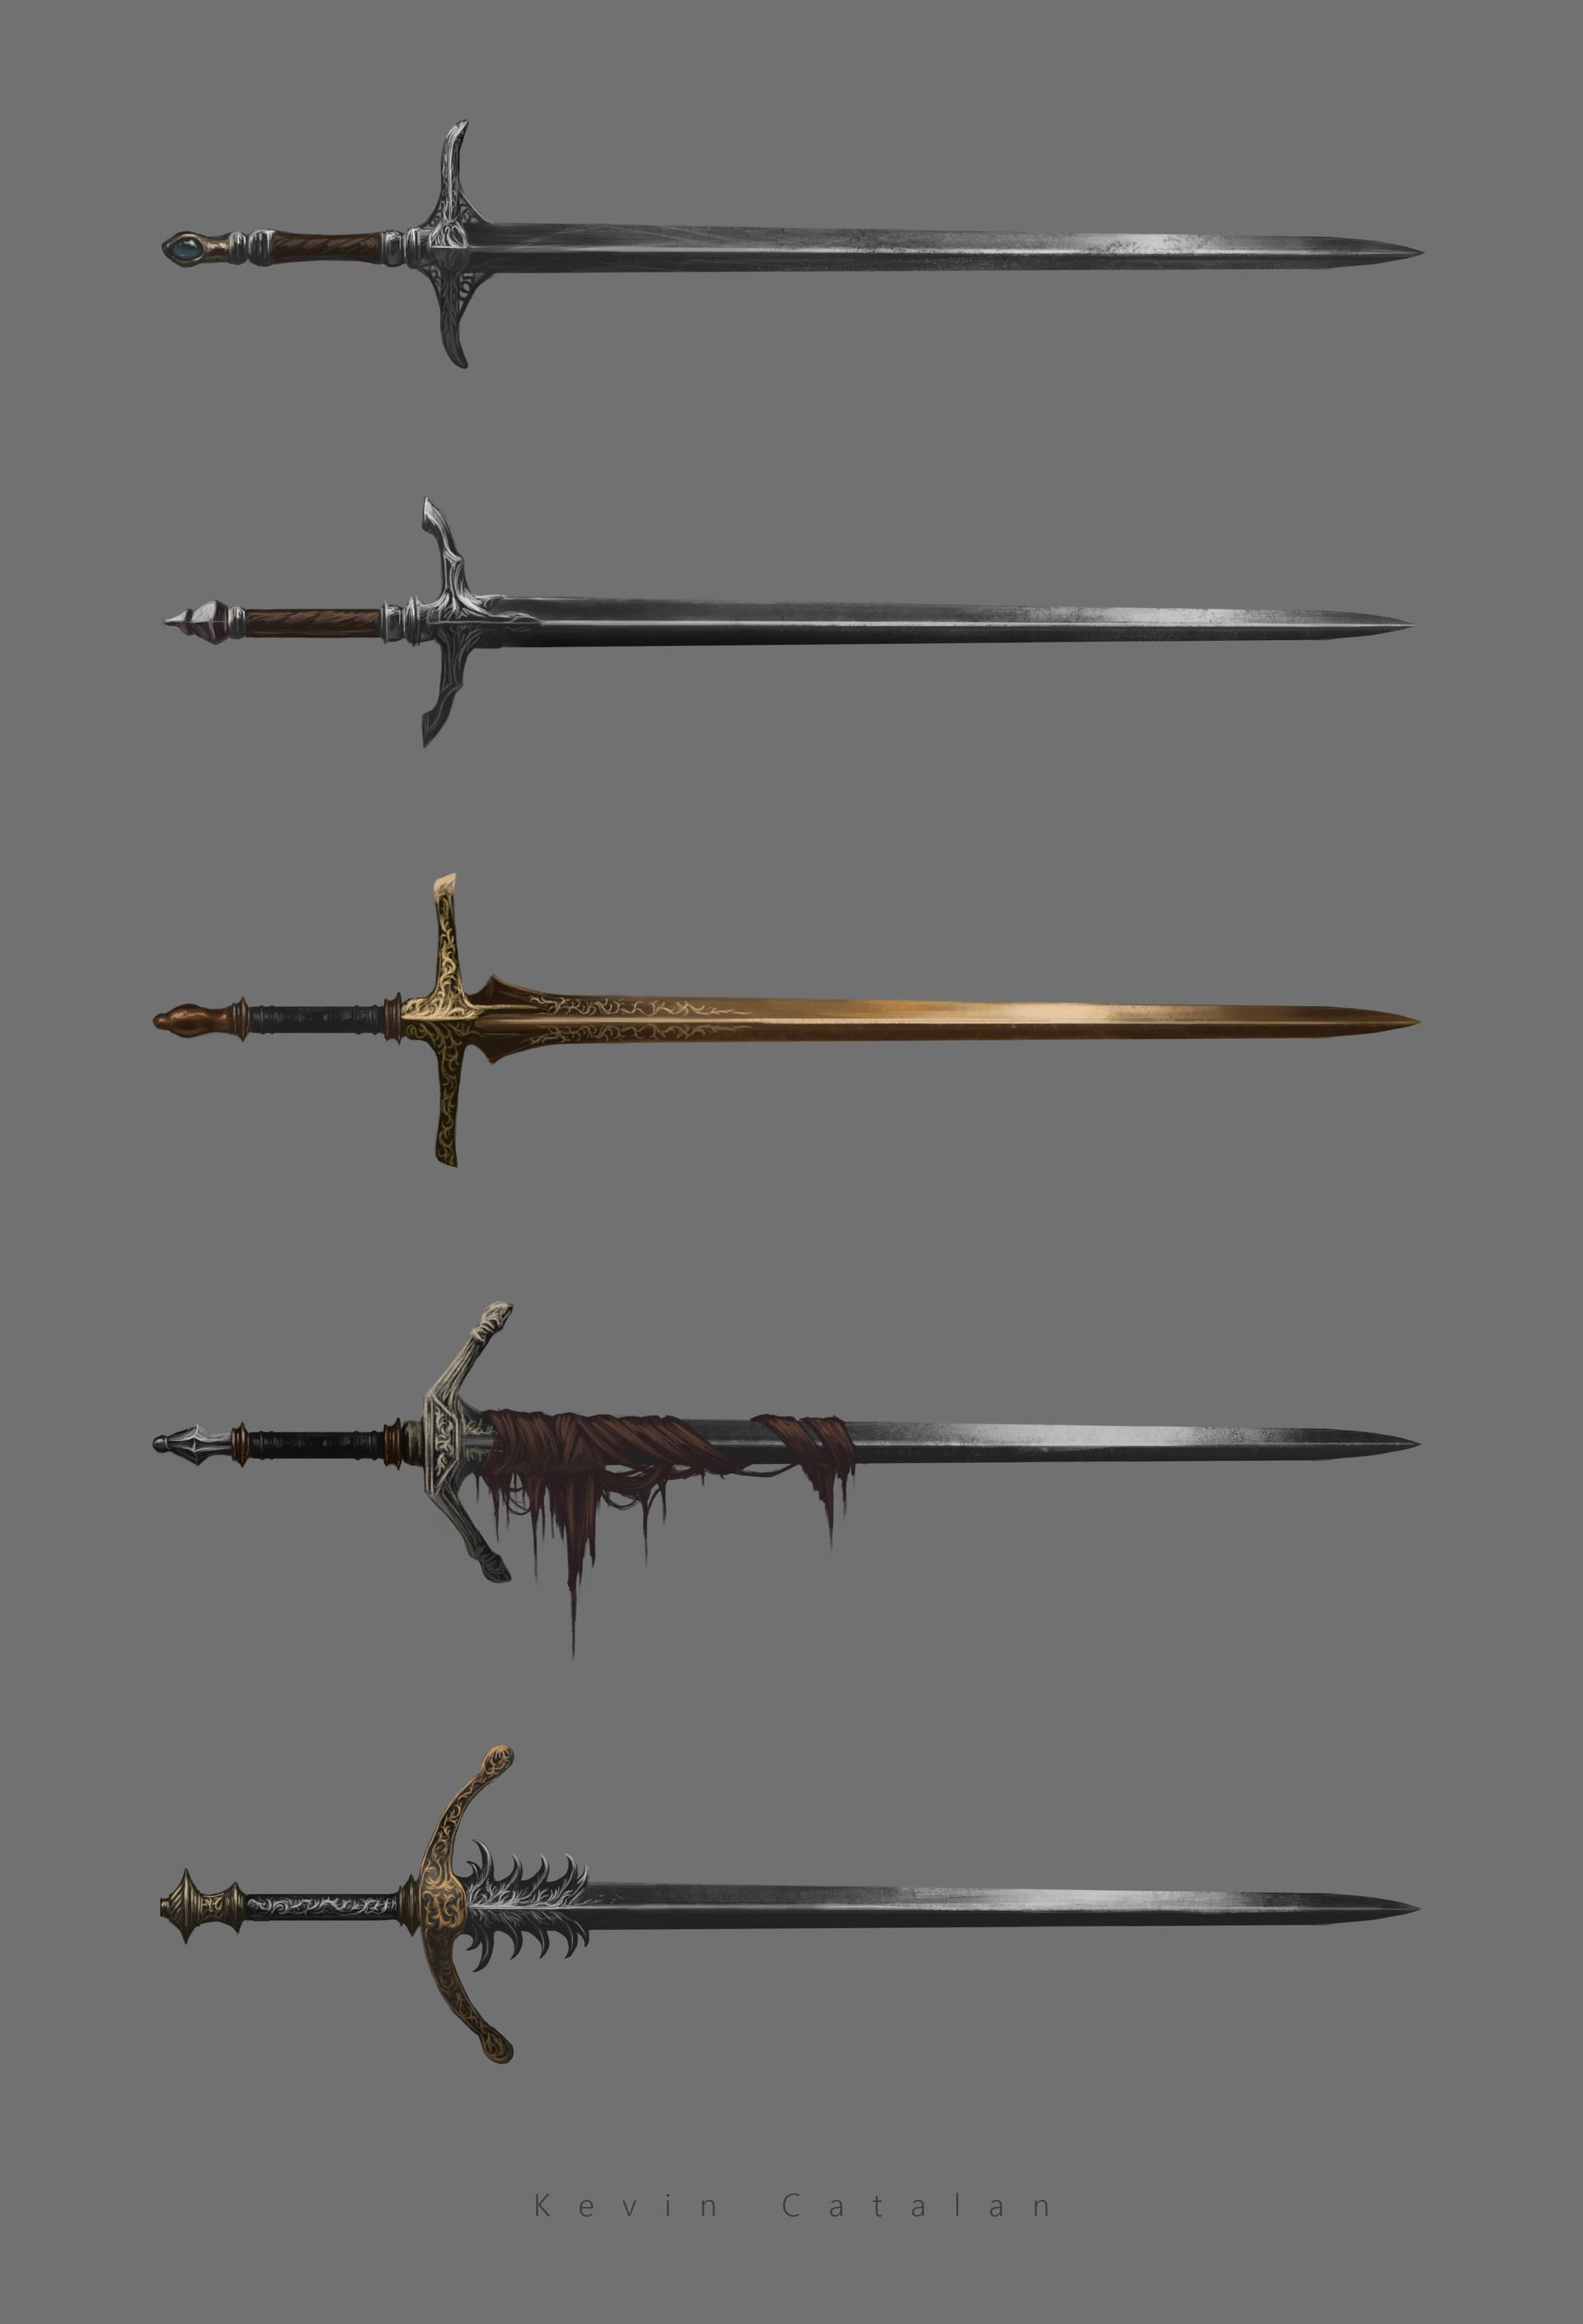 ArtStation - Long Sword Designs, Kevin Catalan